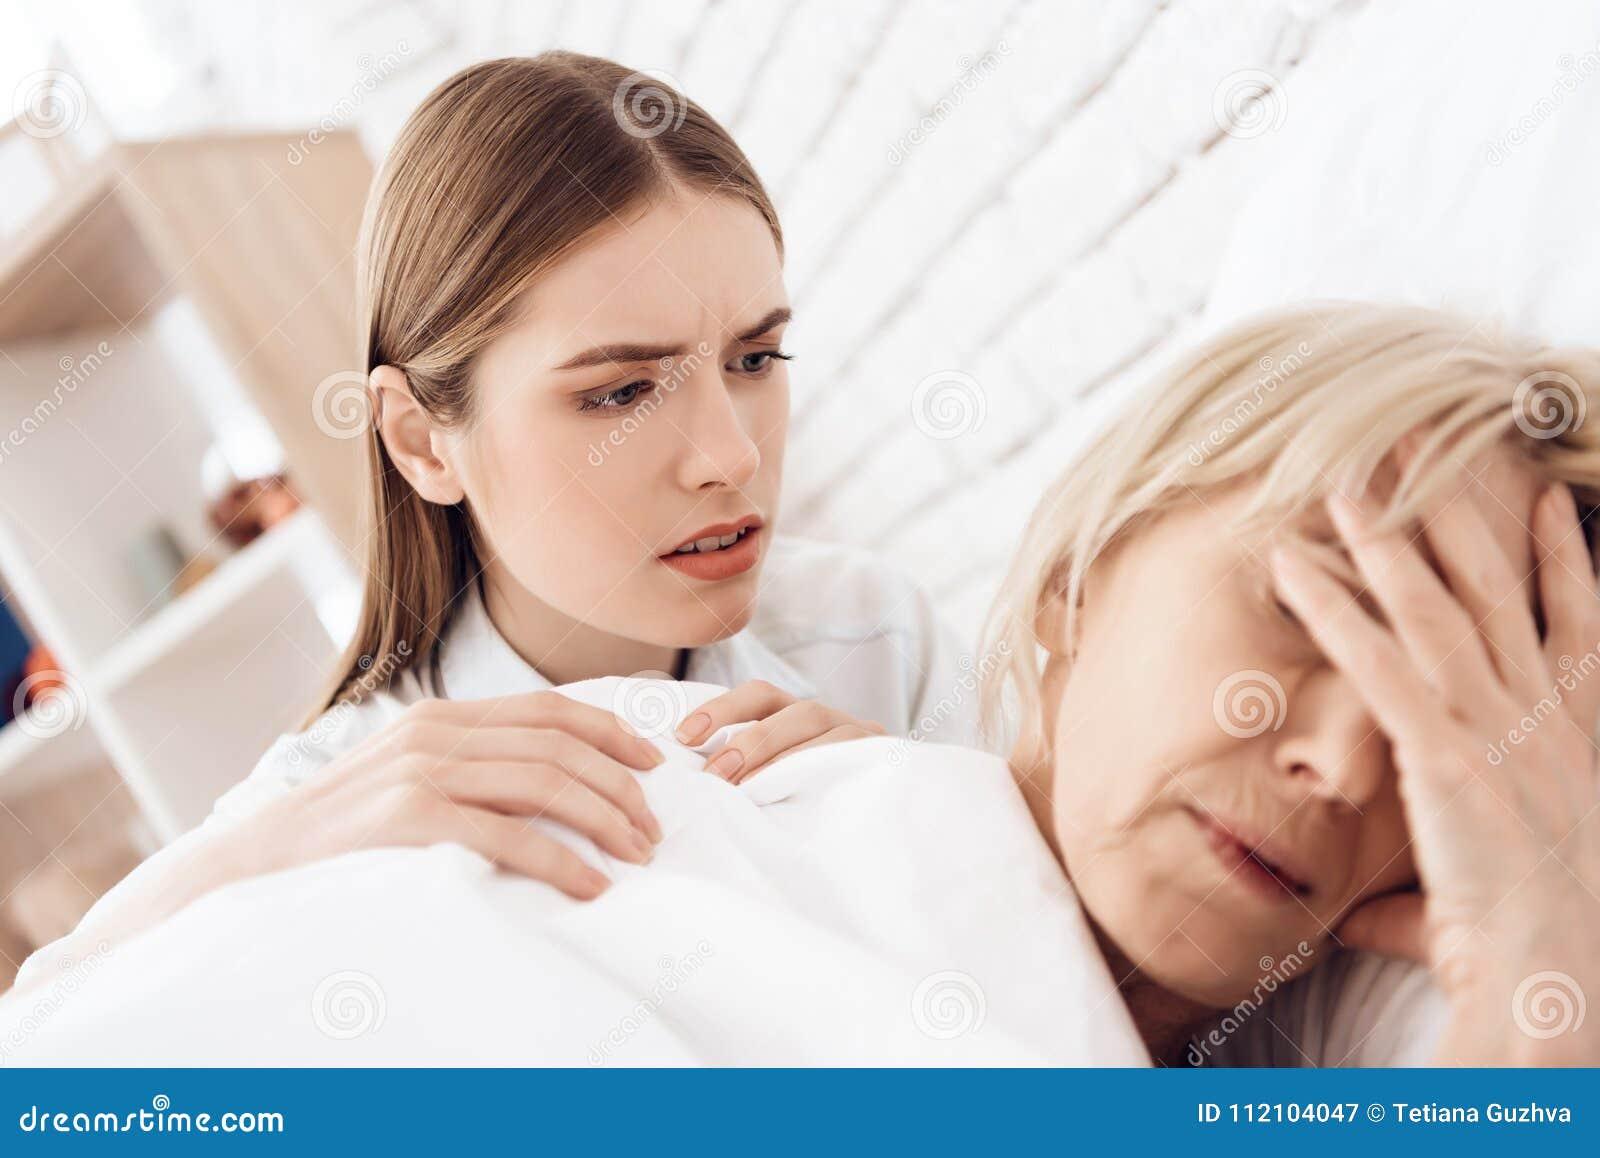 La fille soigne la femme agée à la maison La femme se sent mal, fille est concernée